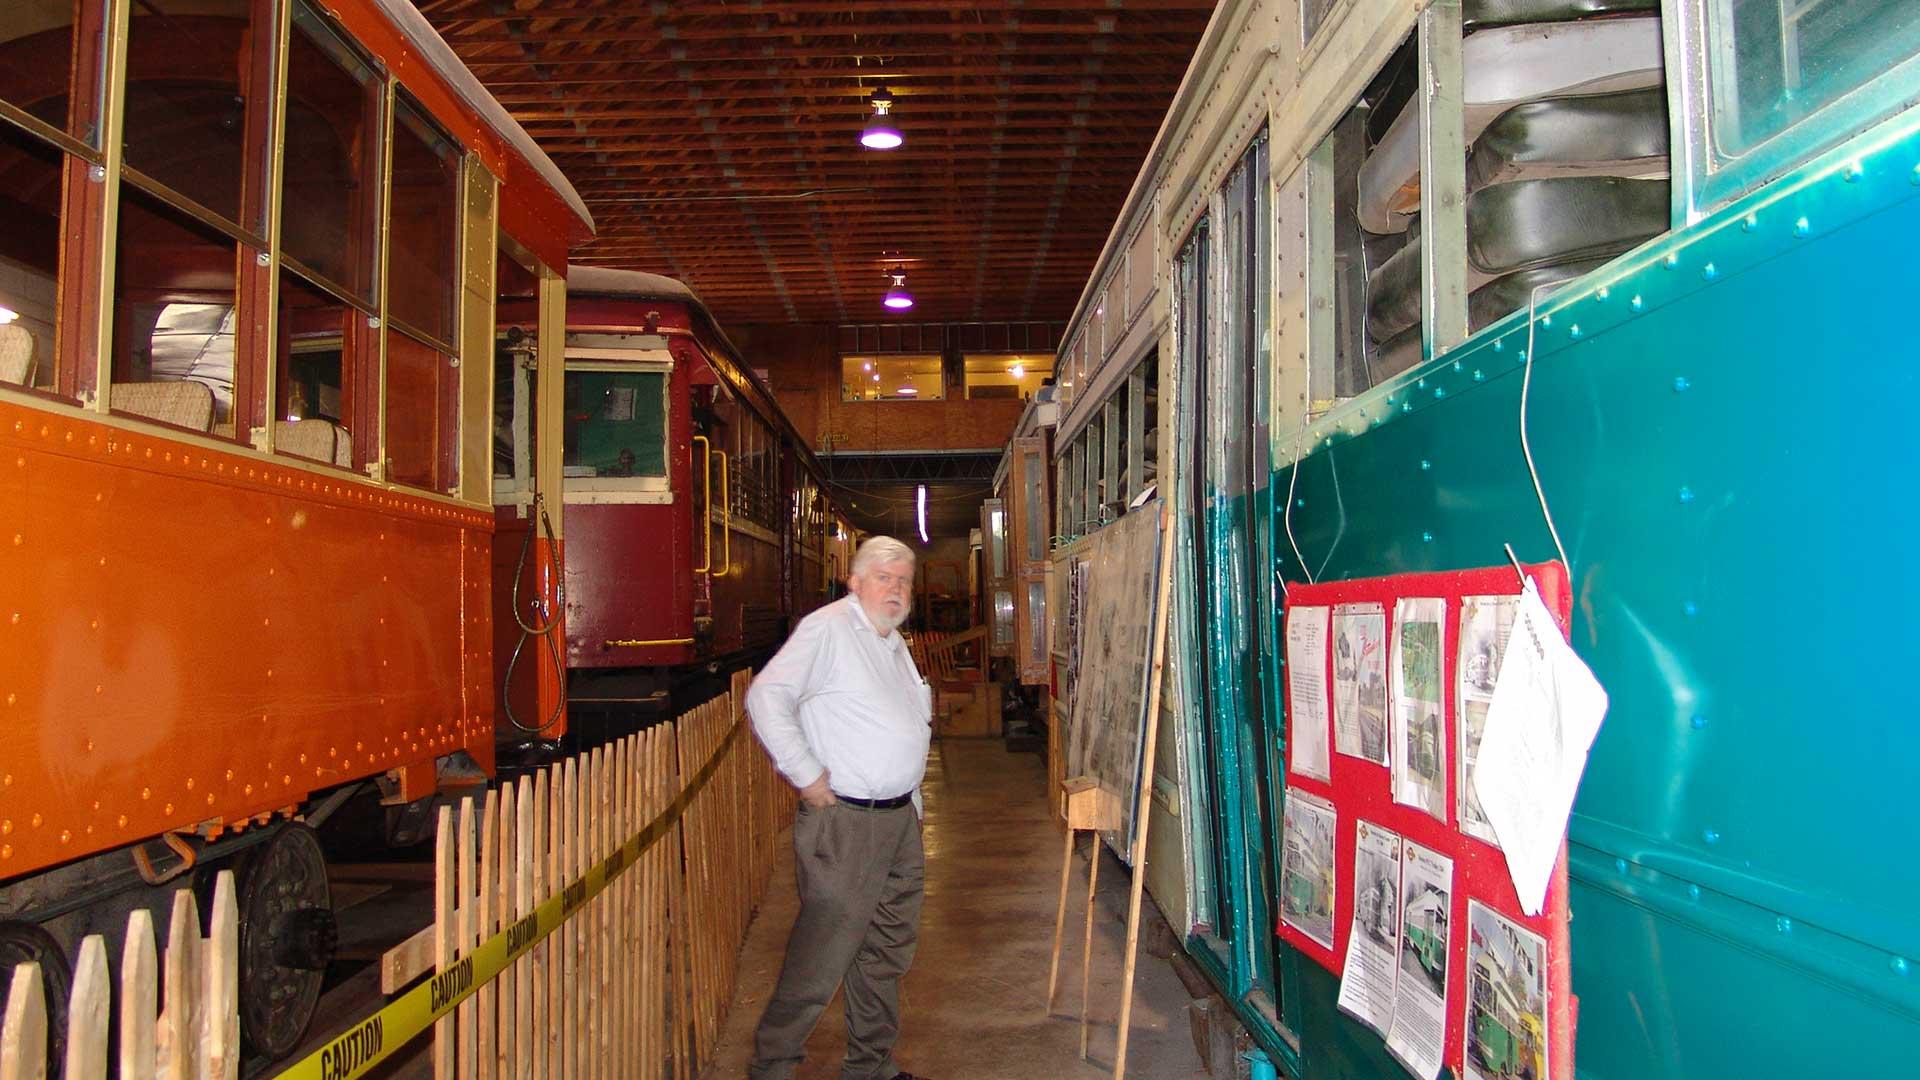 Inside the Kingston Trolley Museum